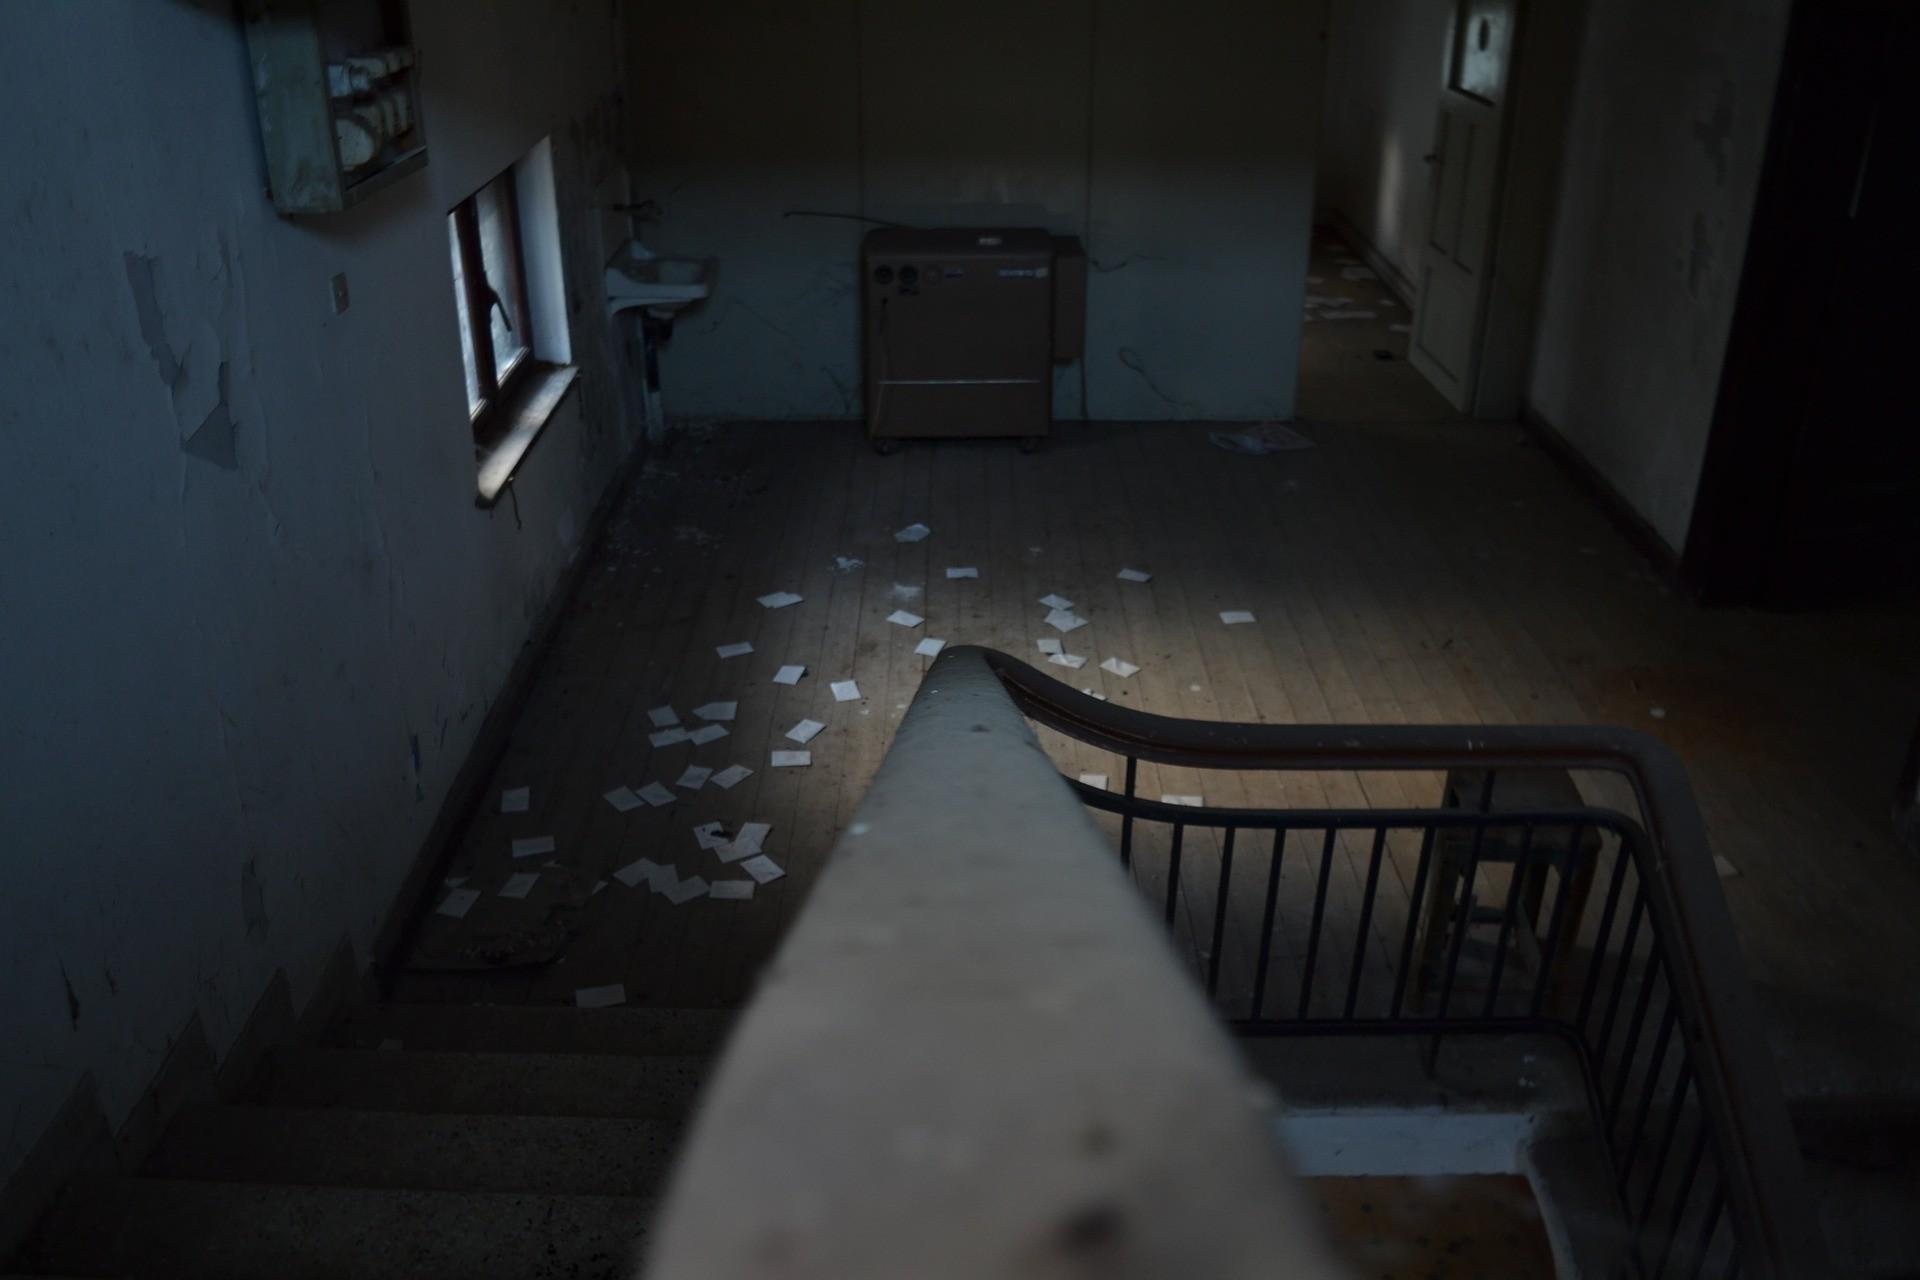 古宅,鬧鬼,廢棄(圖/pixabay CC0)